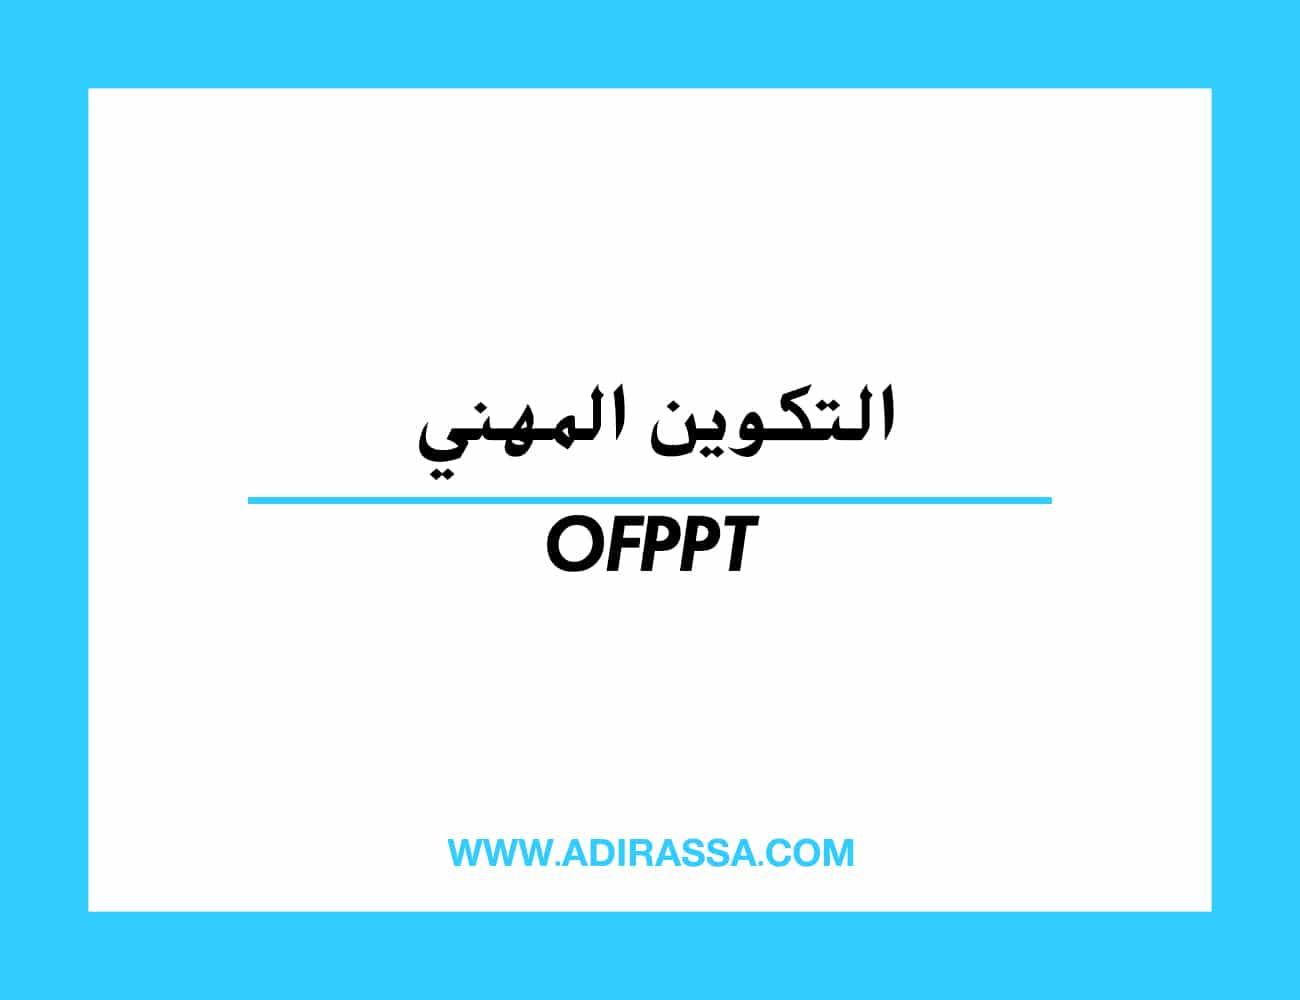 التكوين المهني ofppt التابع لمكتب التكوين المهني وإنعاش الشغل